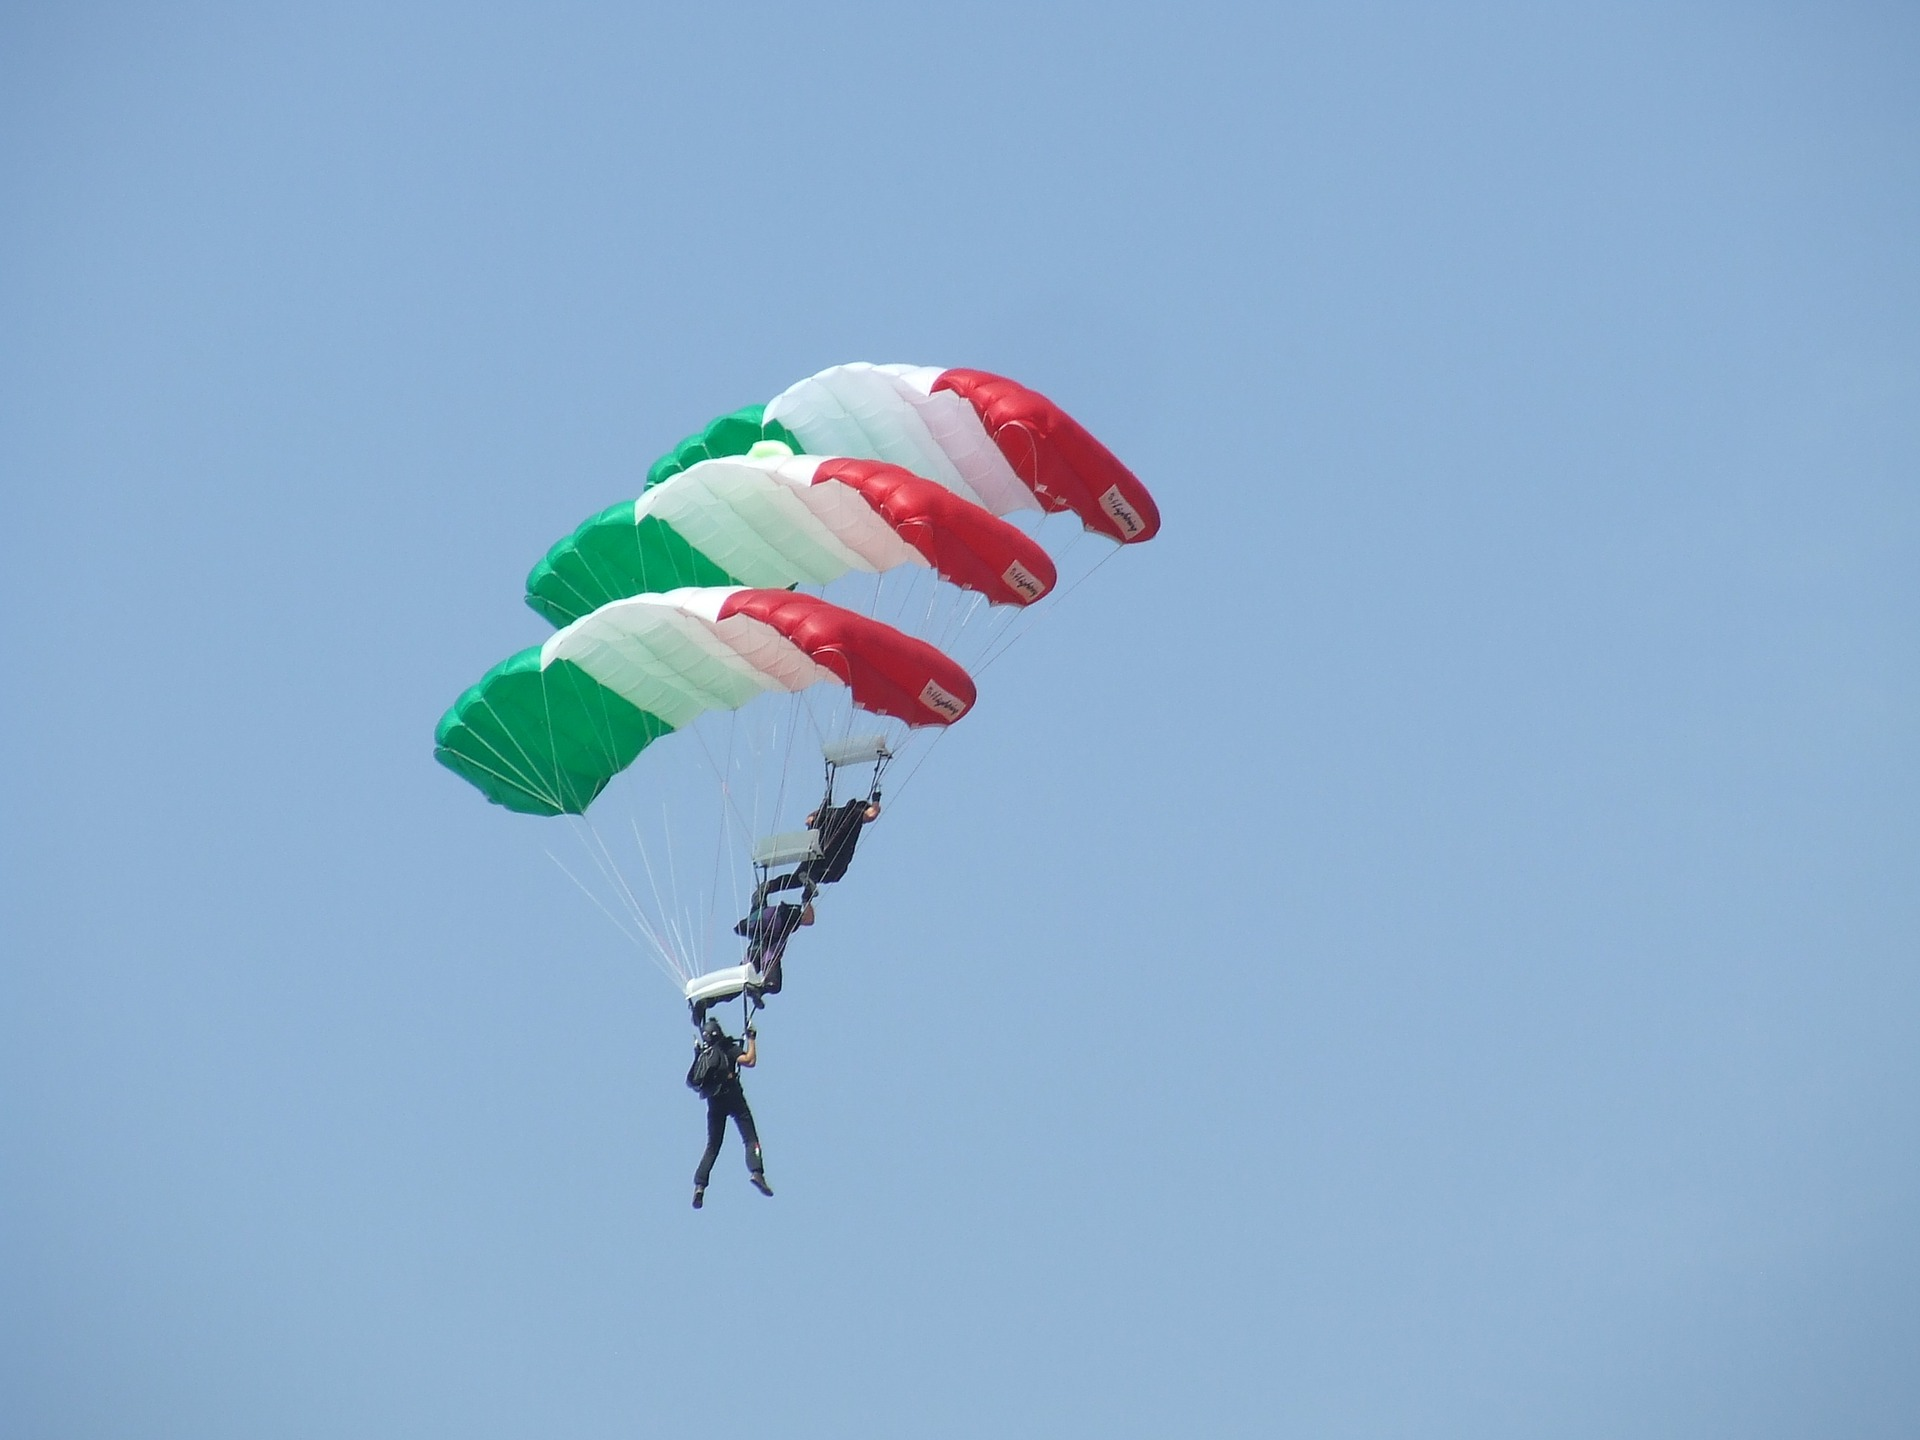 parachute-891428_1920.jpg